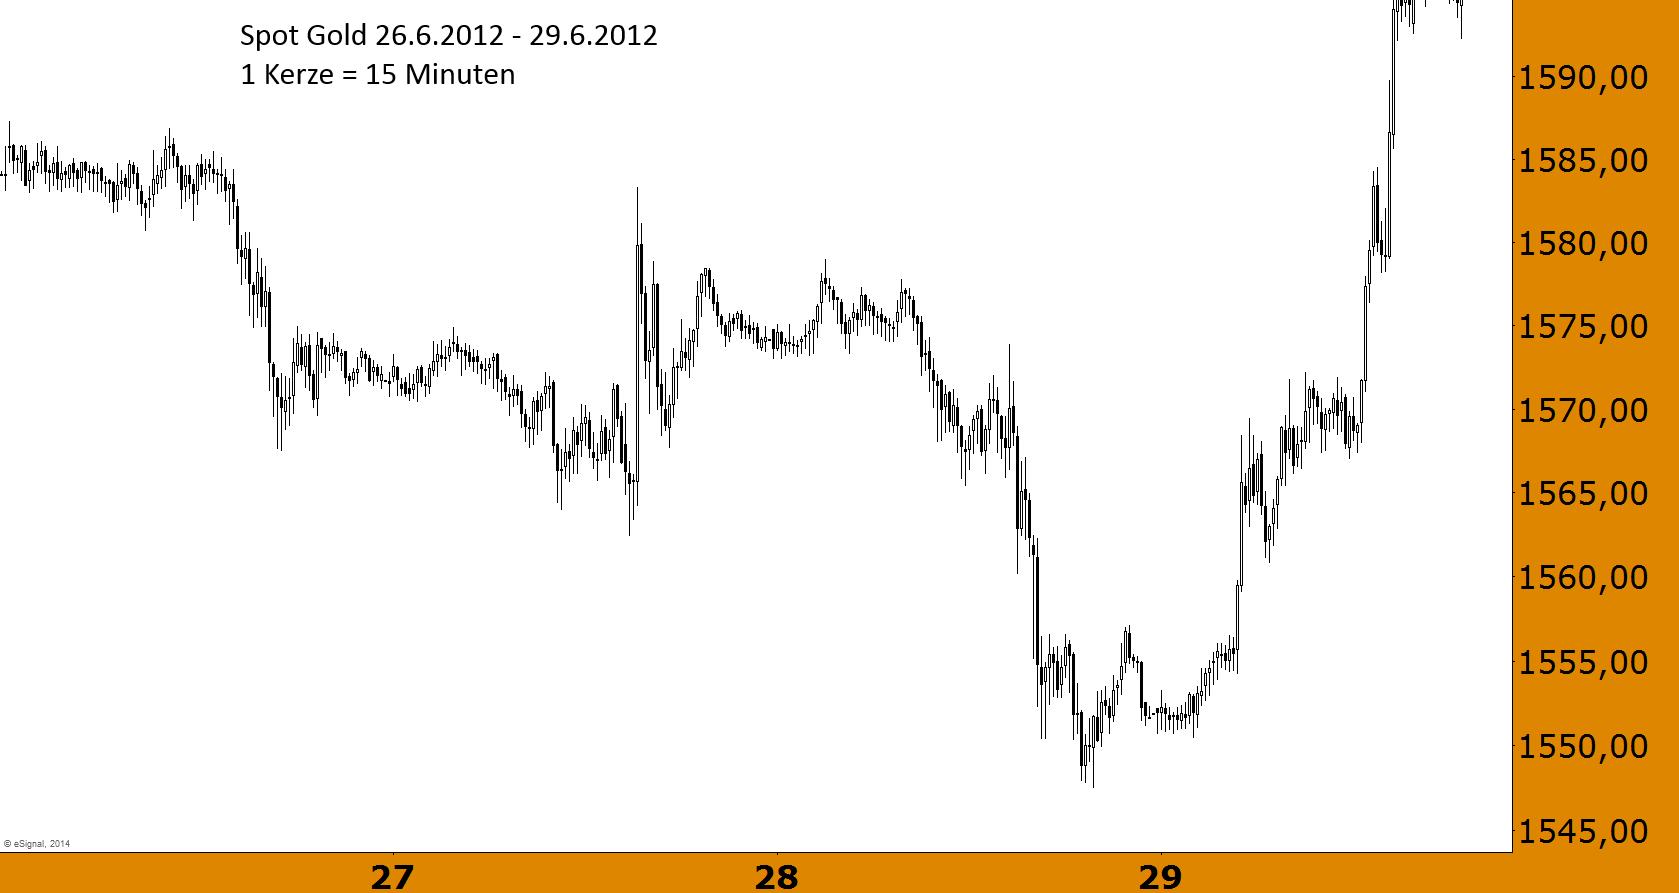 Goldpreis-Er-wünschte-sich-kleinen-Kotzanfall-Chartanalyse-Jochen-Stanzl-GodmodeTrader.de-1